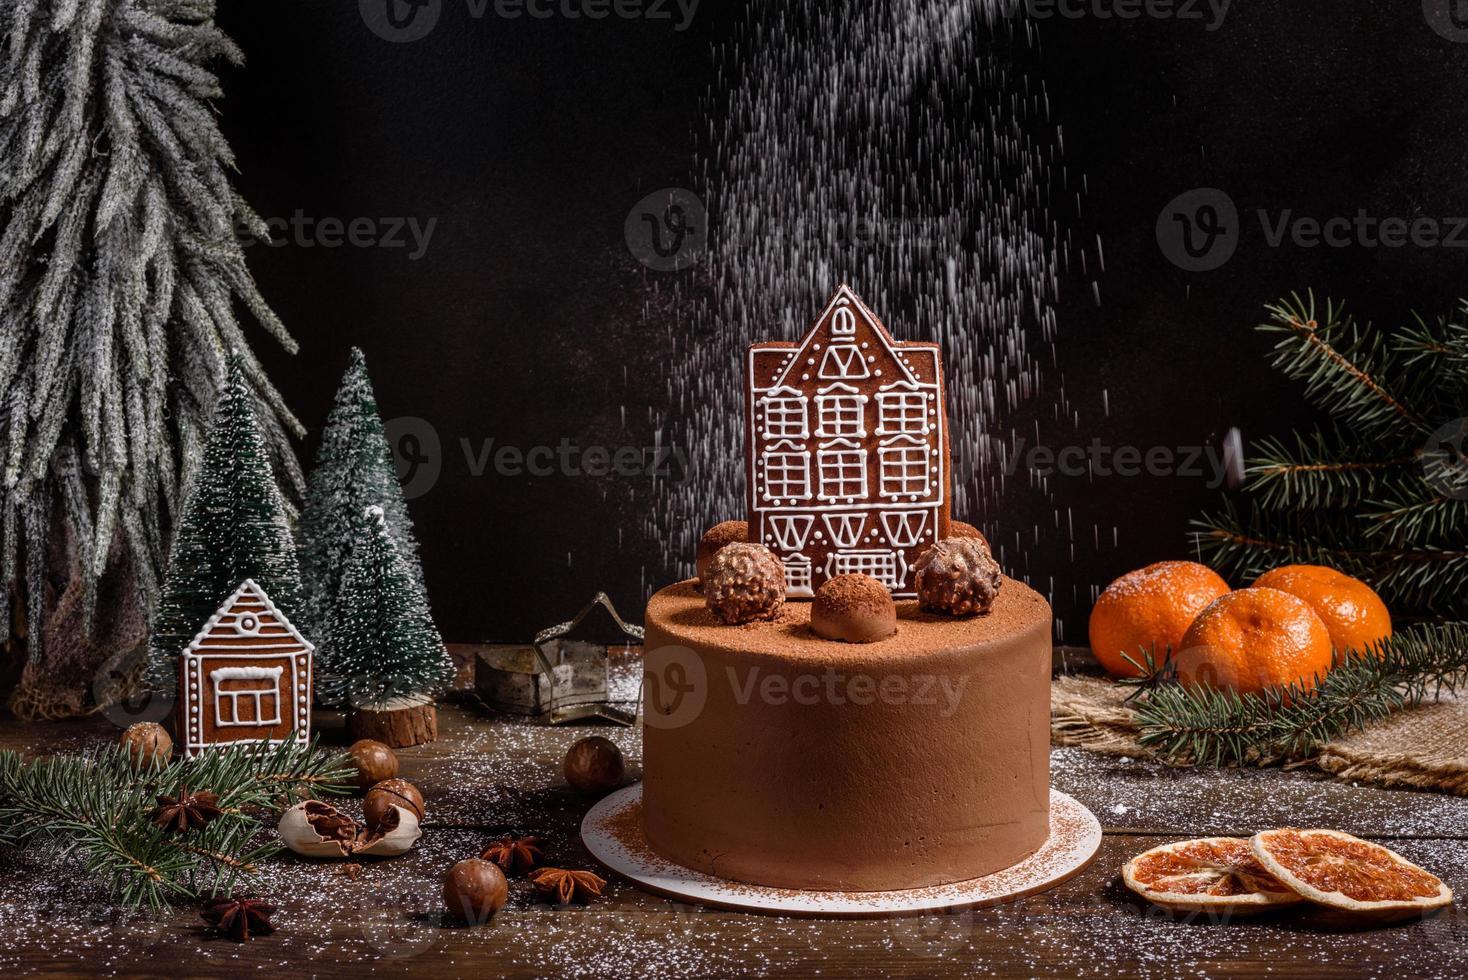 heerlijke mooie snoepjes op een donkere houten tafel op kerstavond foto